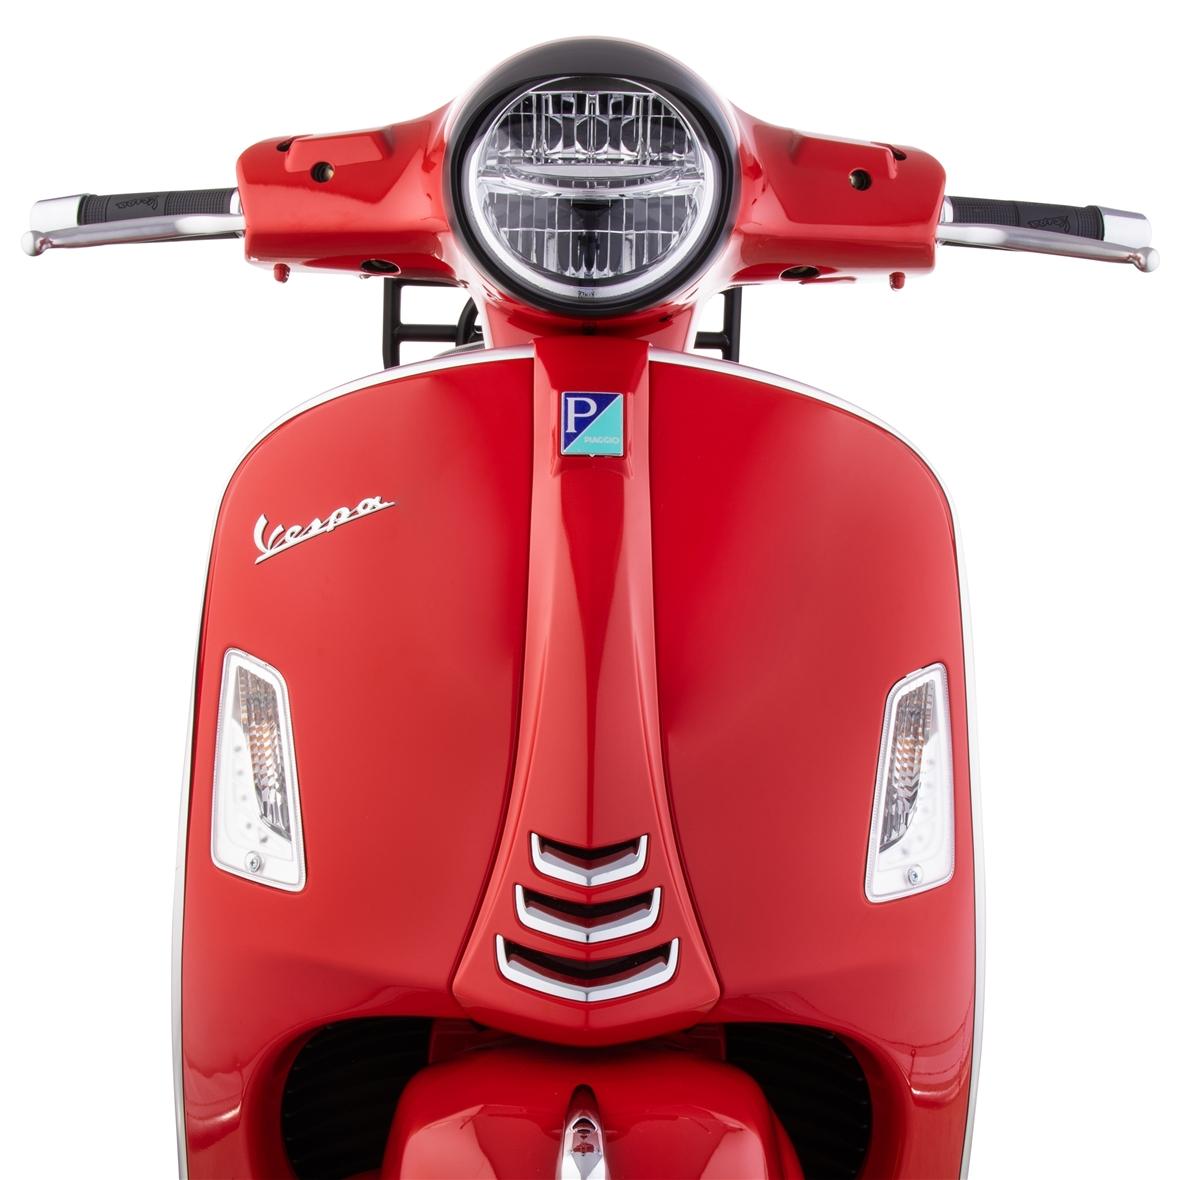 Leinwand für Scooter Faltgarage Haube Wasserdicht Original Vespa GTS 300 Super